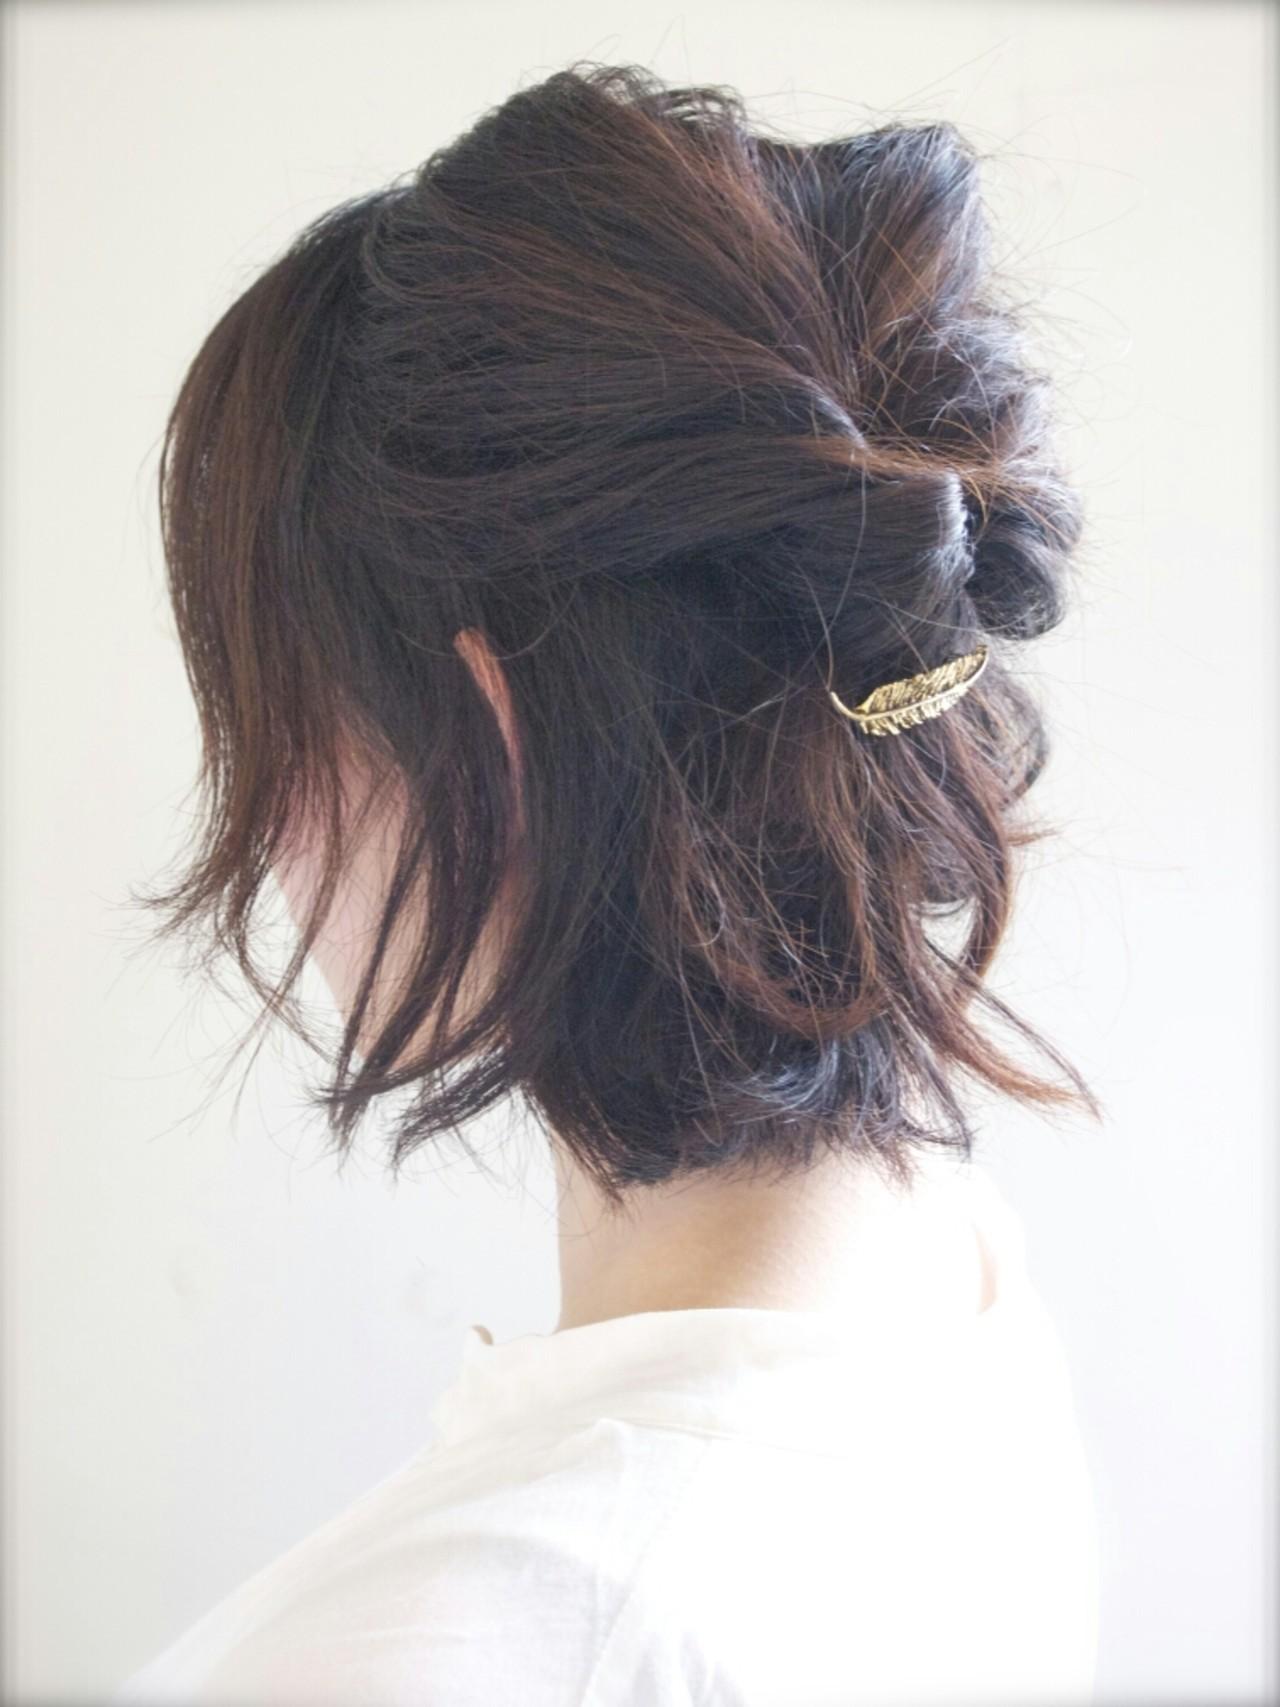 可愛いあの子の秘密は髪型にあった?可愛いが溢れるハーフアップヘアの4枚目の画像